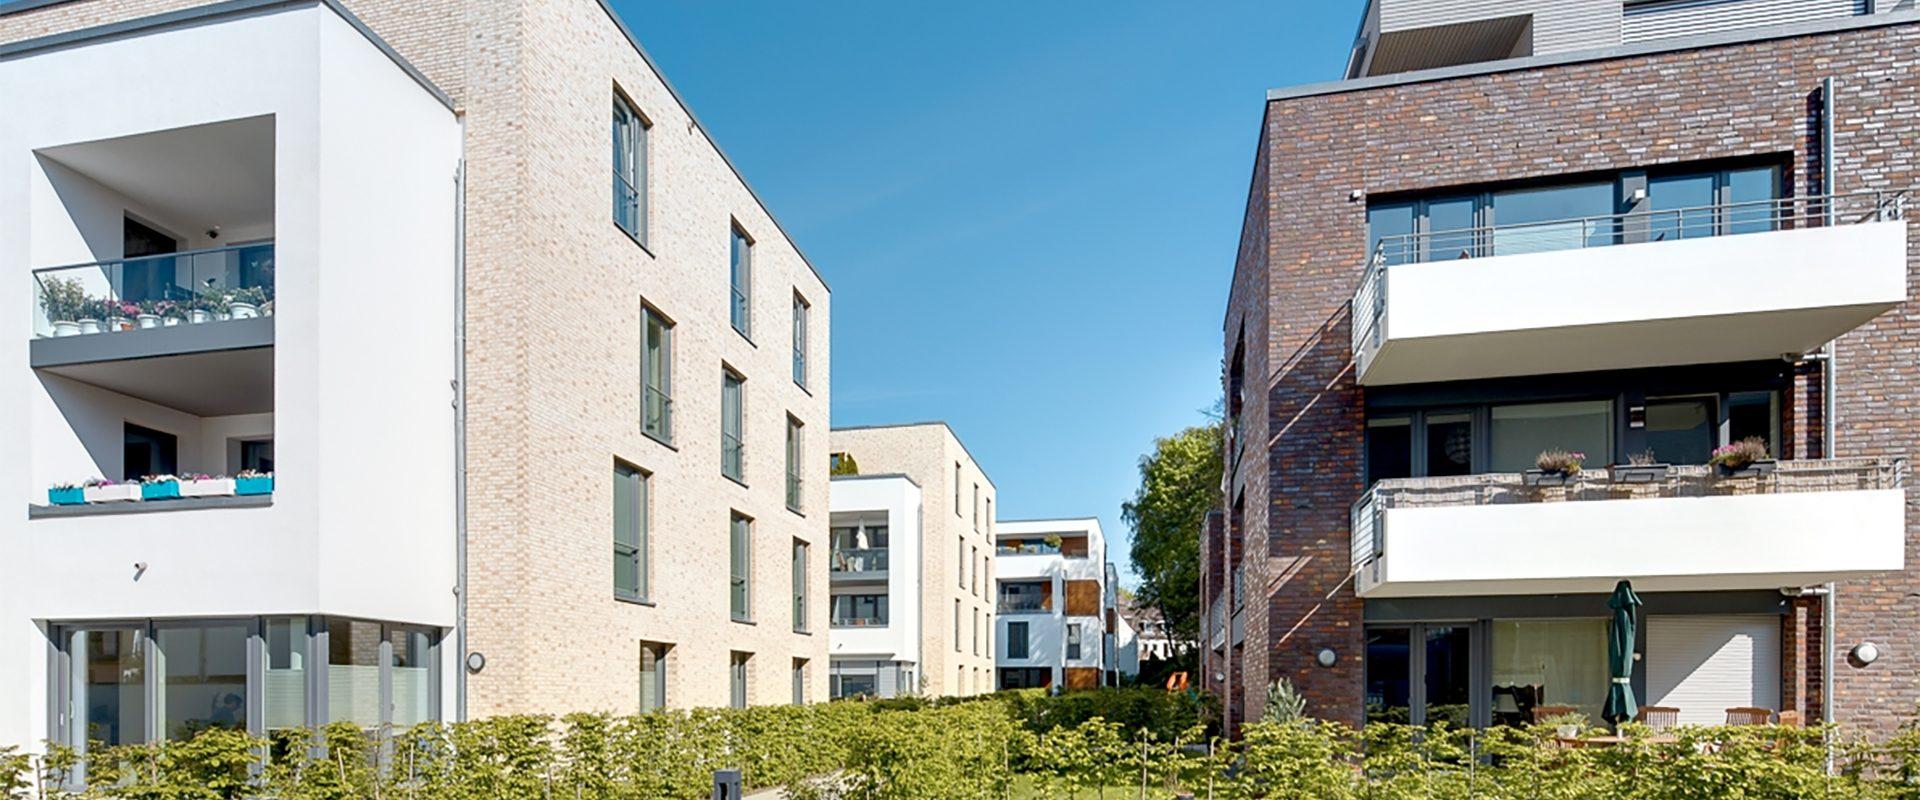 BSP-Architeckten-Wohnhauser-Moltkestrasse